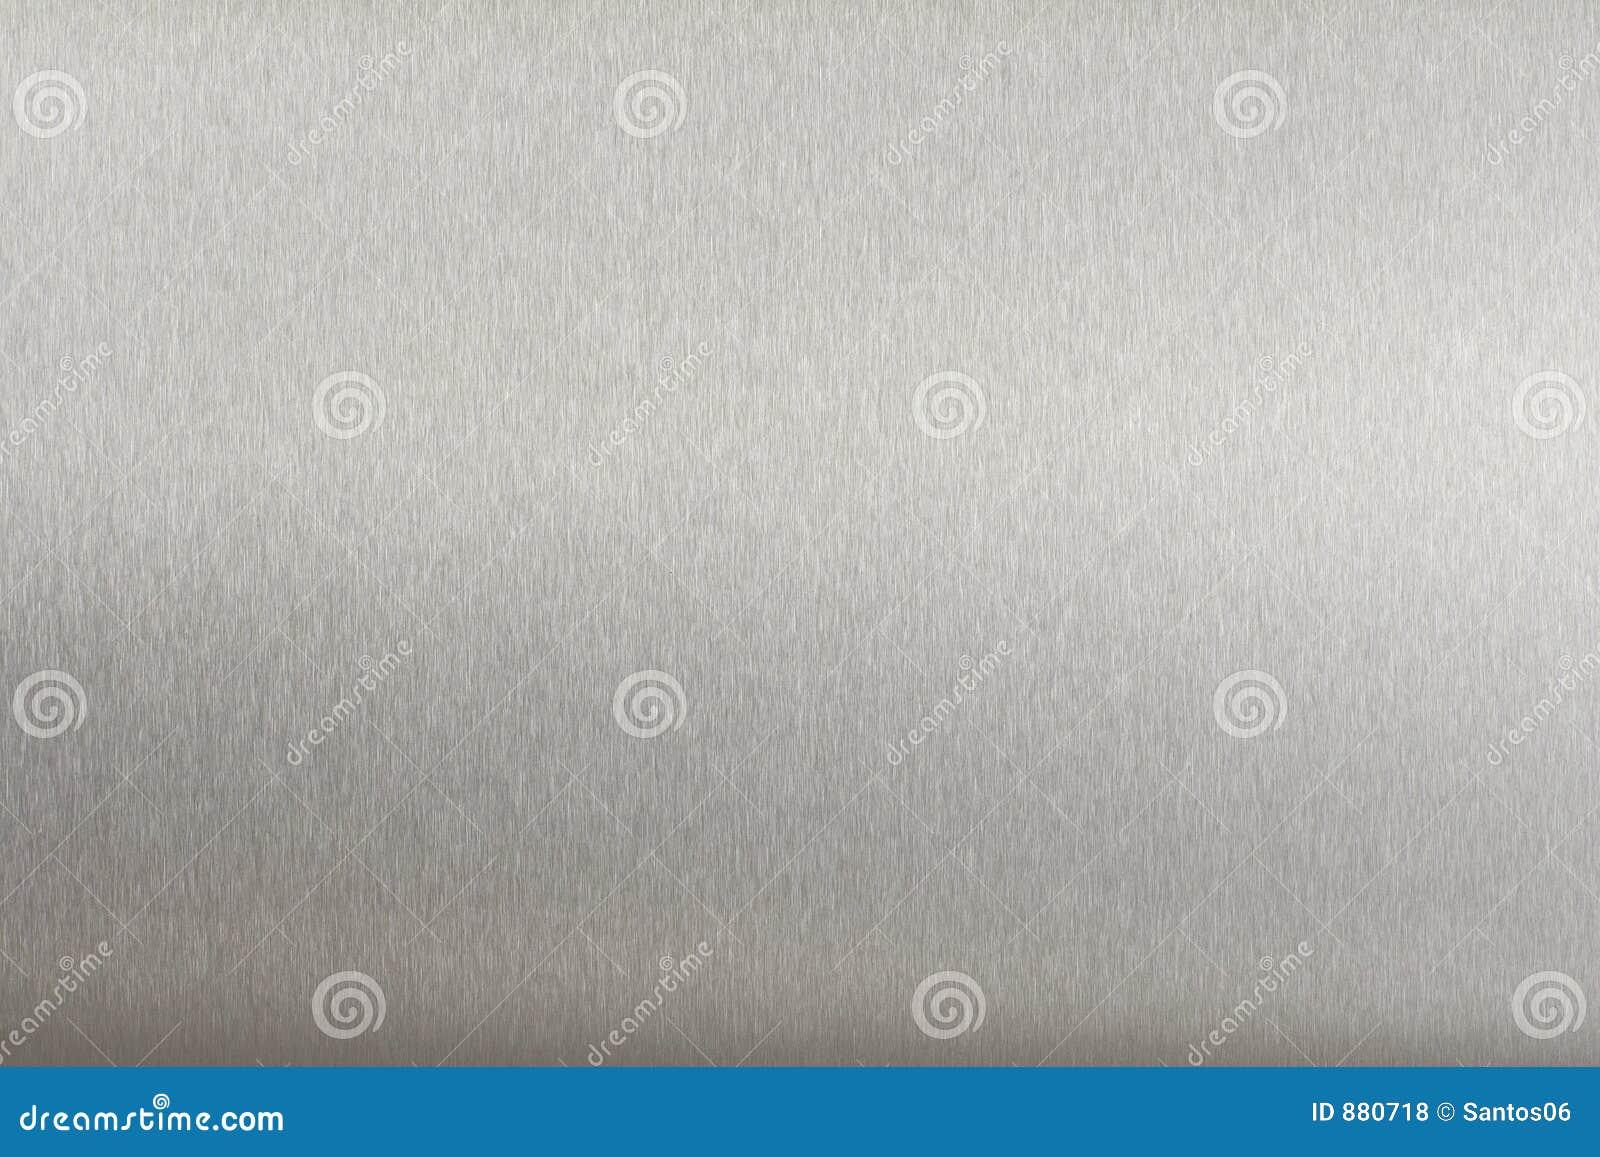 Strato di acciaio inossidabile